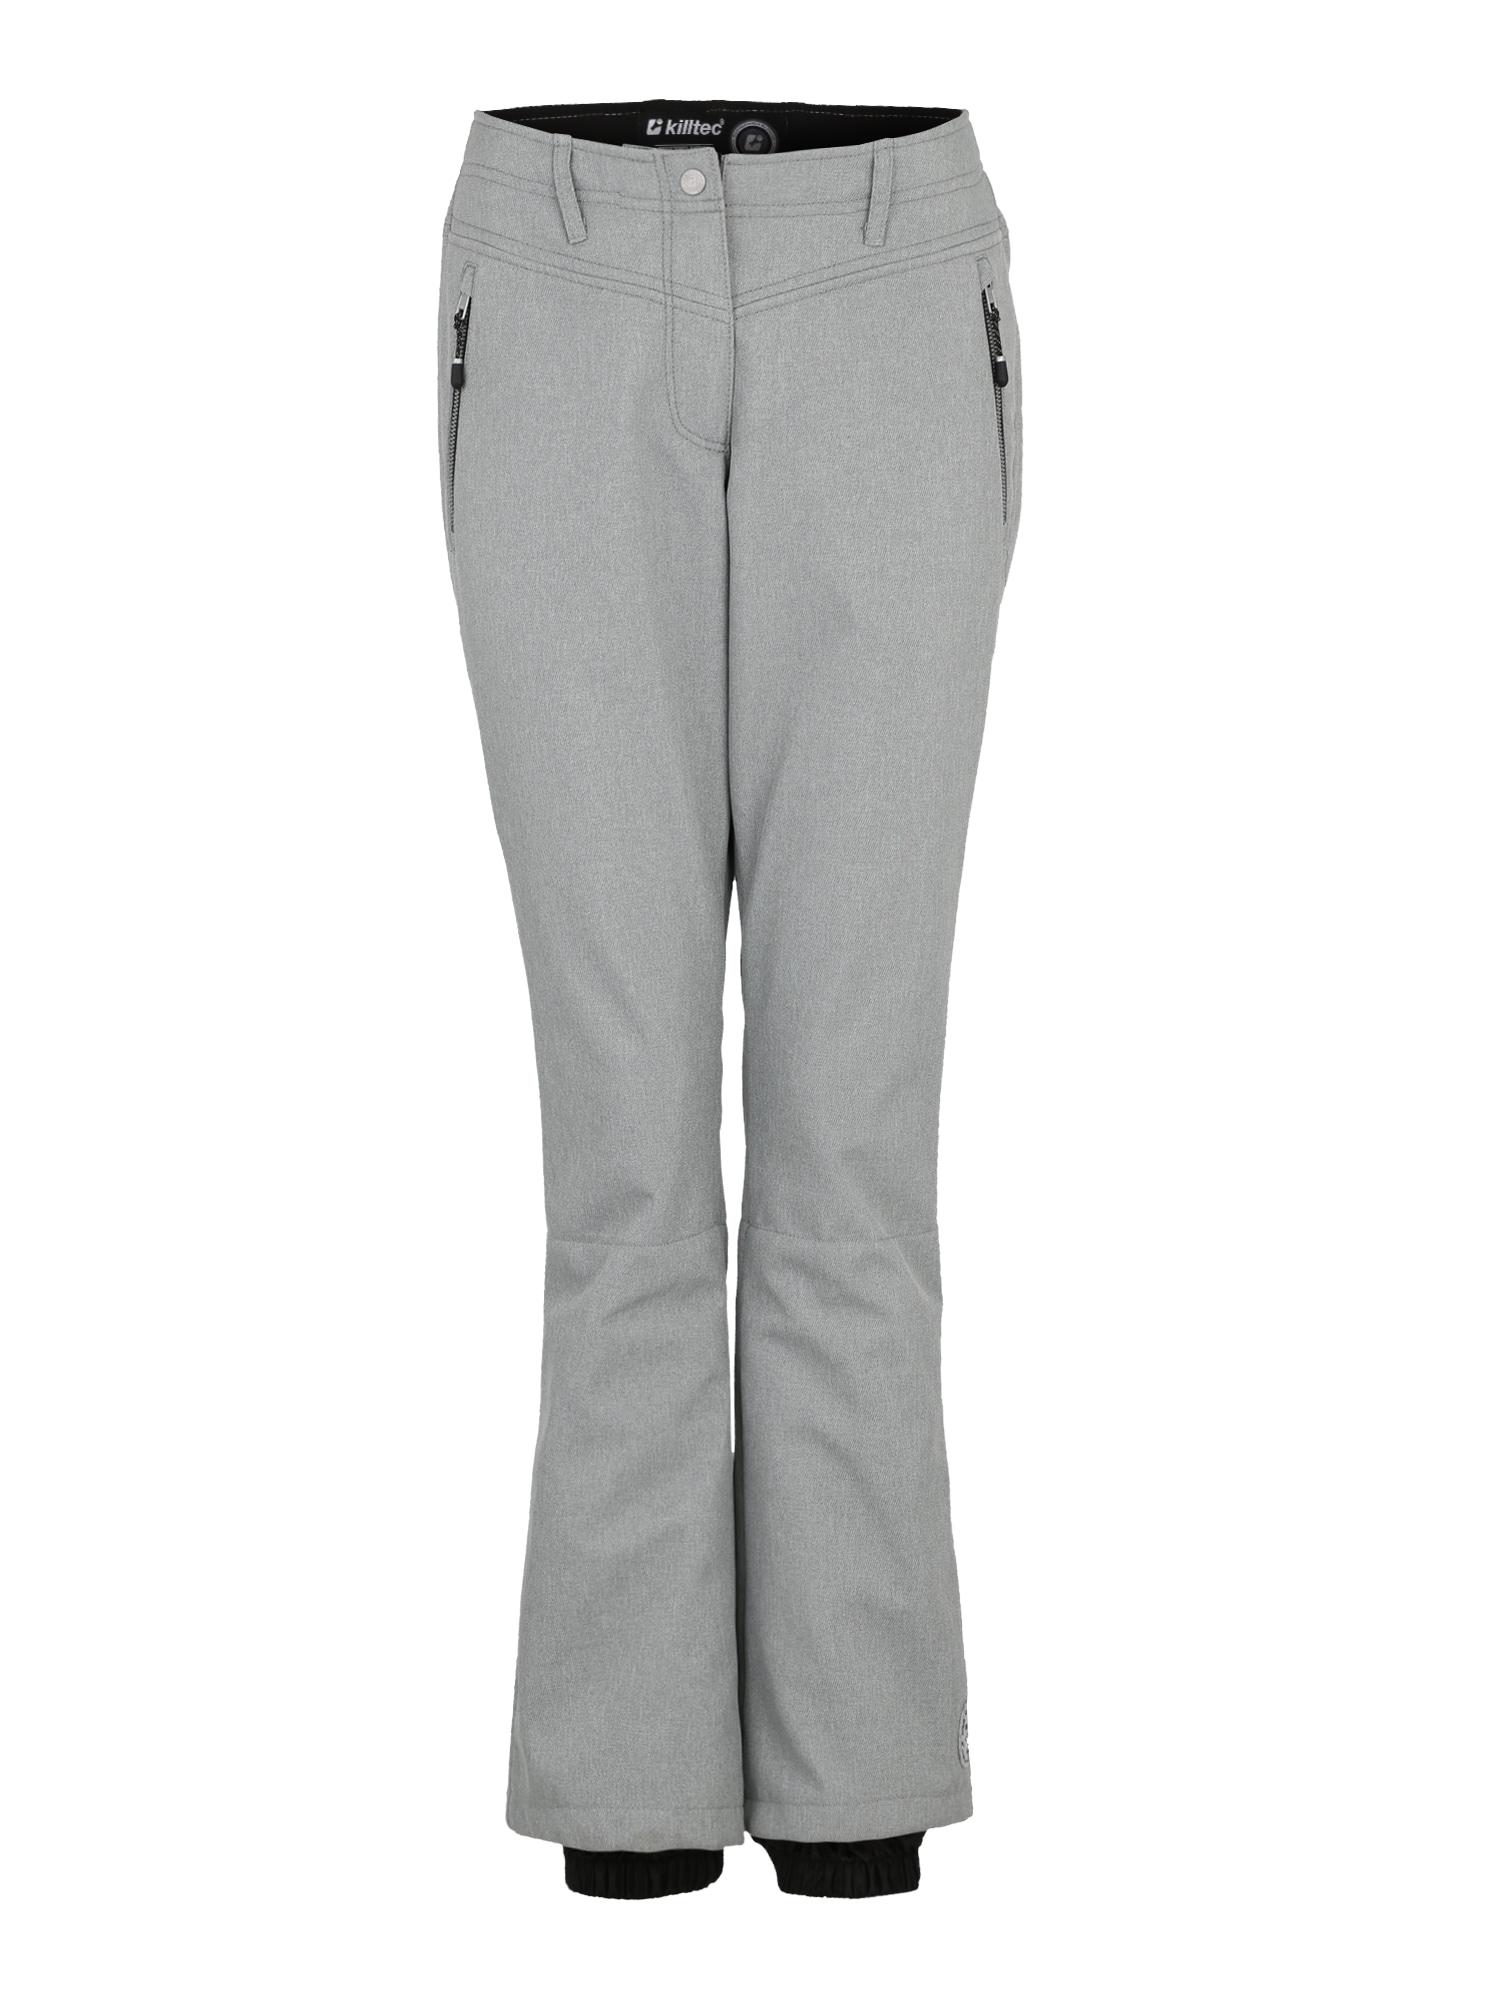 Sportovní kalhoty Jilia světle šedá KILLTEC